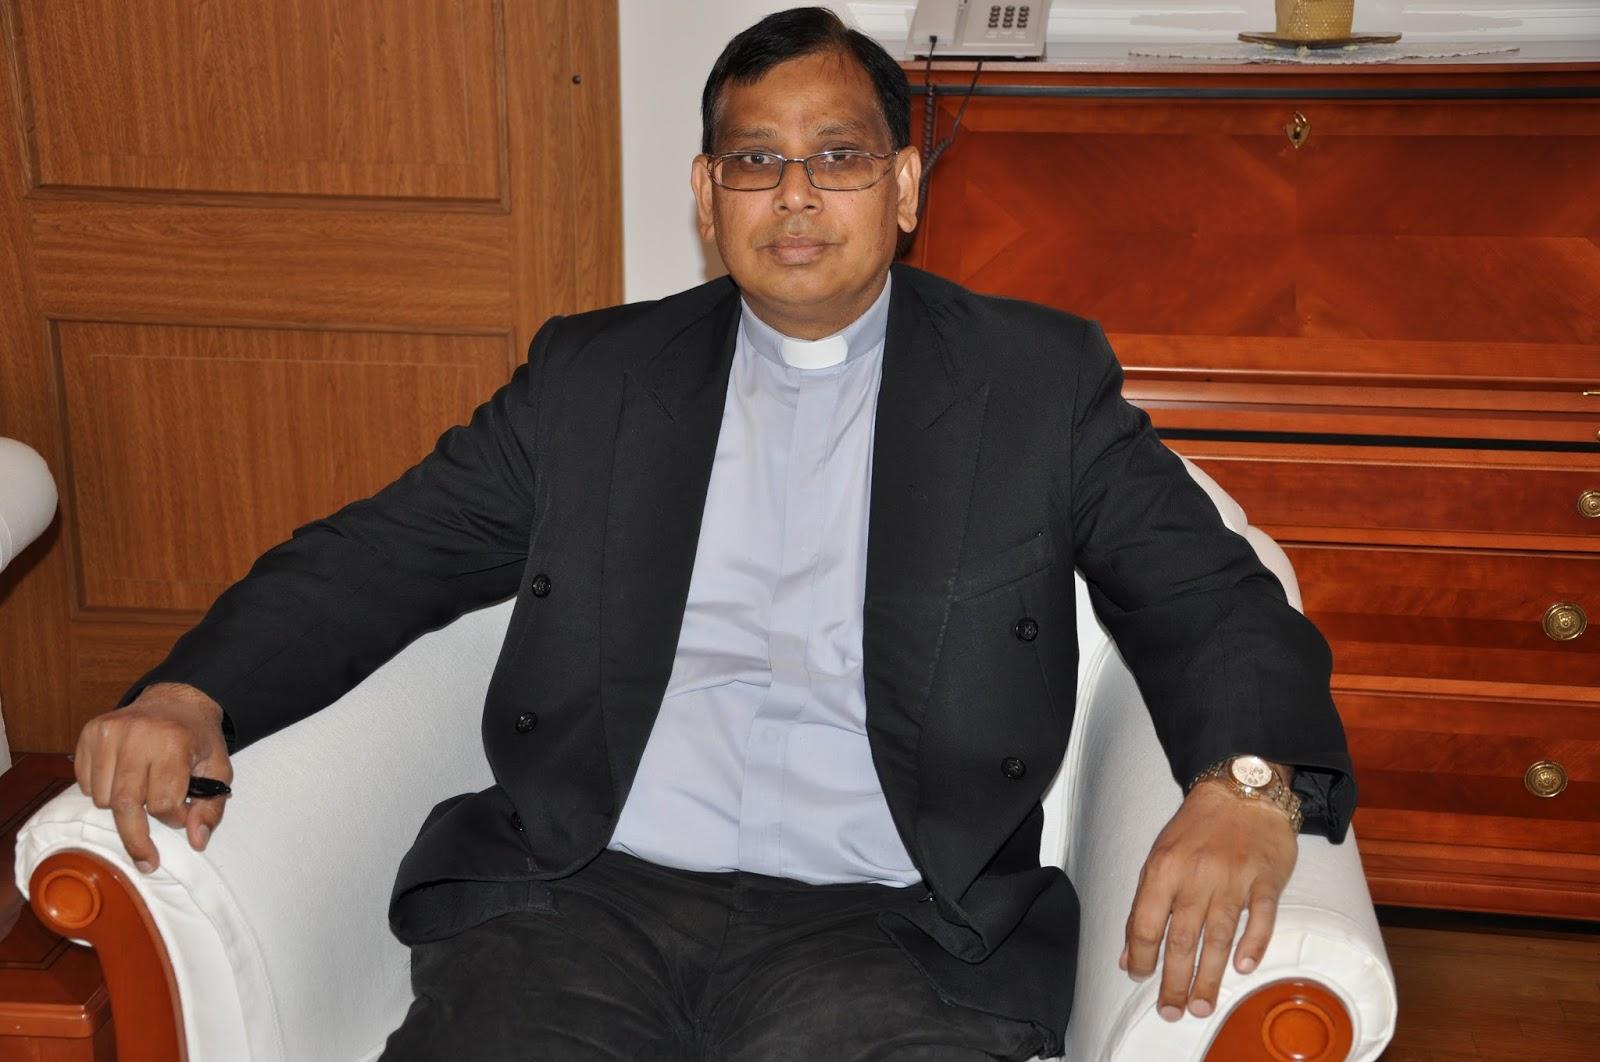 Joseph-Arshad-faisalabad-pakistan-cristiani